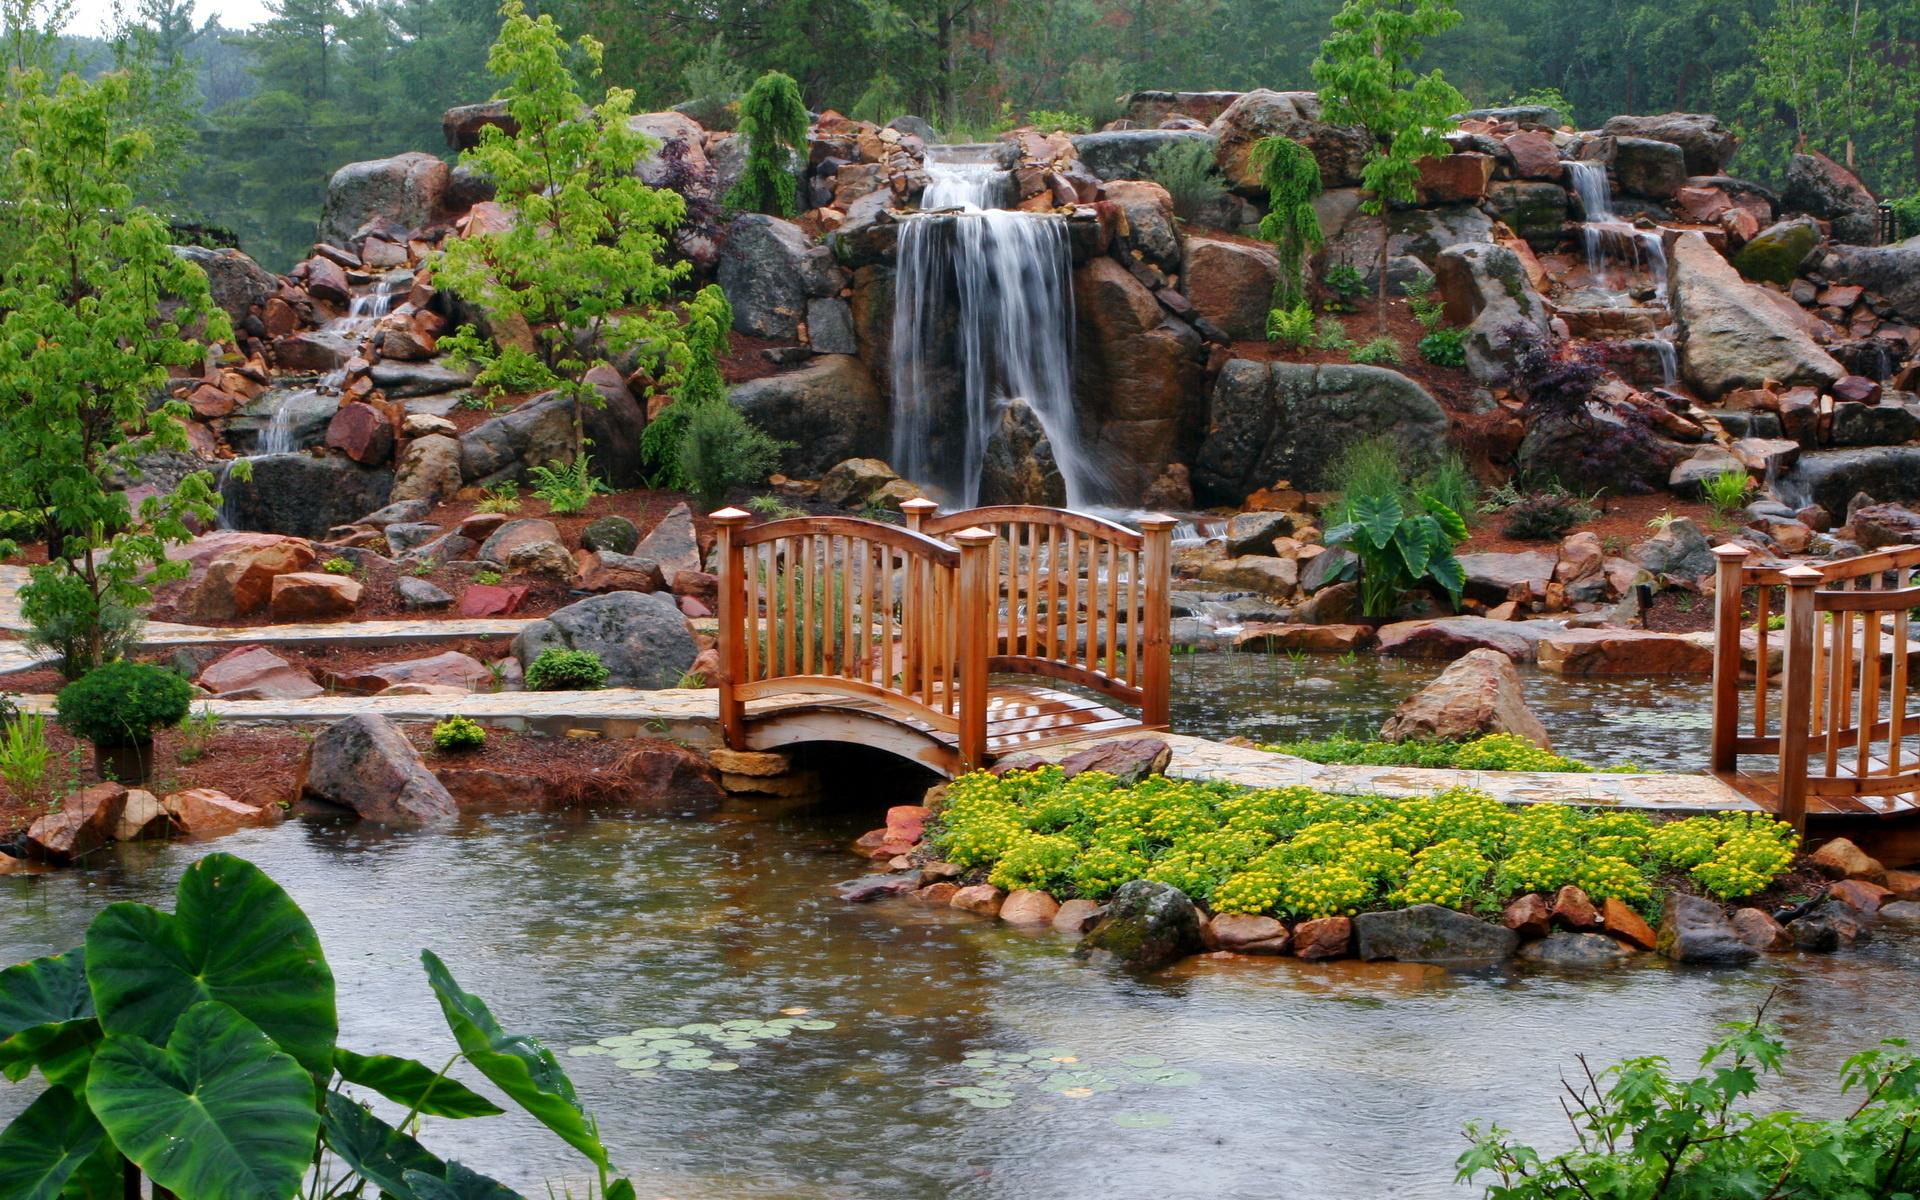 водопад водоем waterfall the pond  № 736635 бесплатно